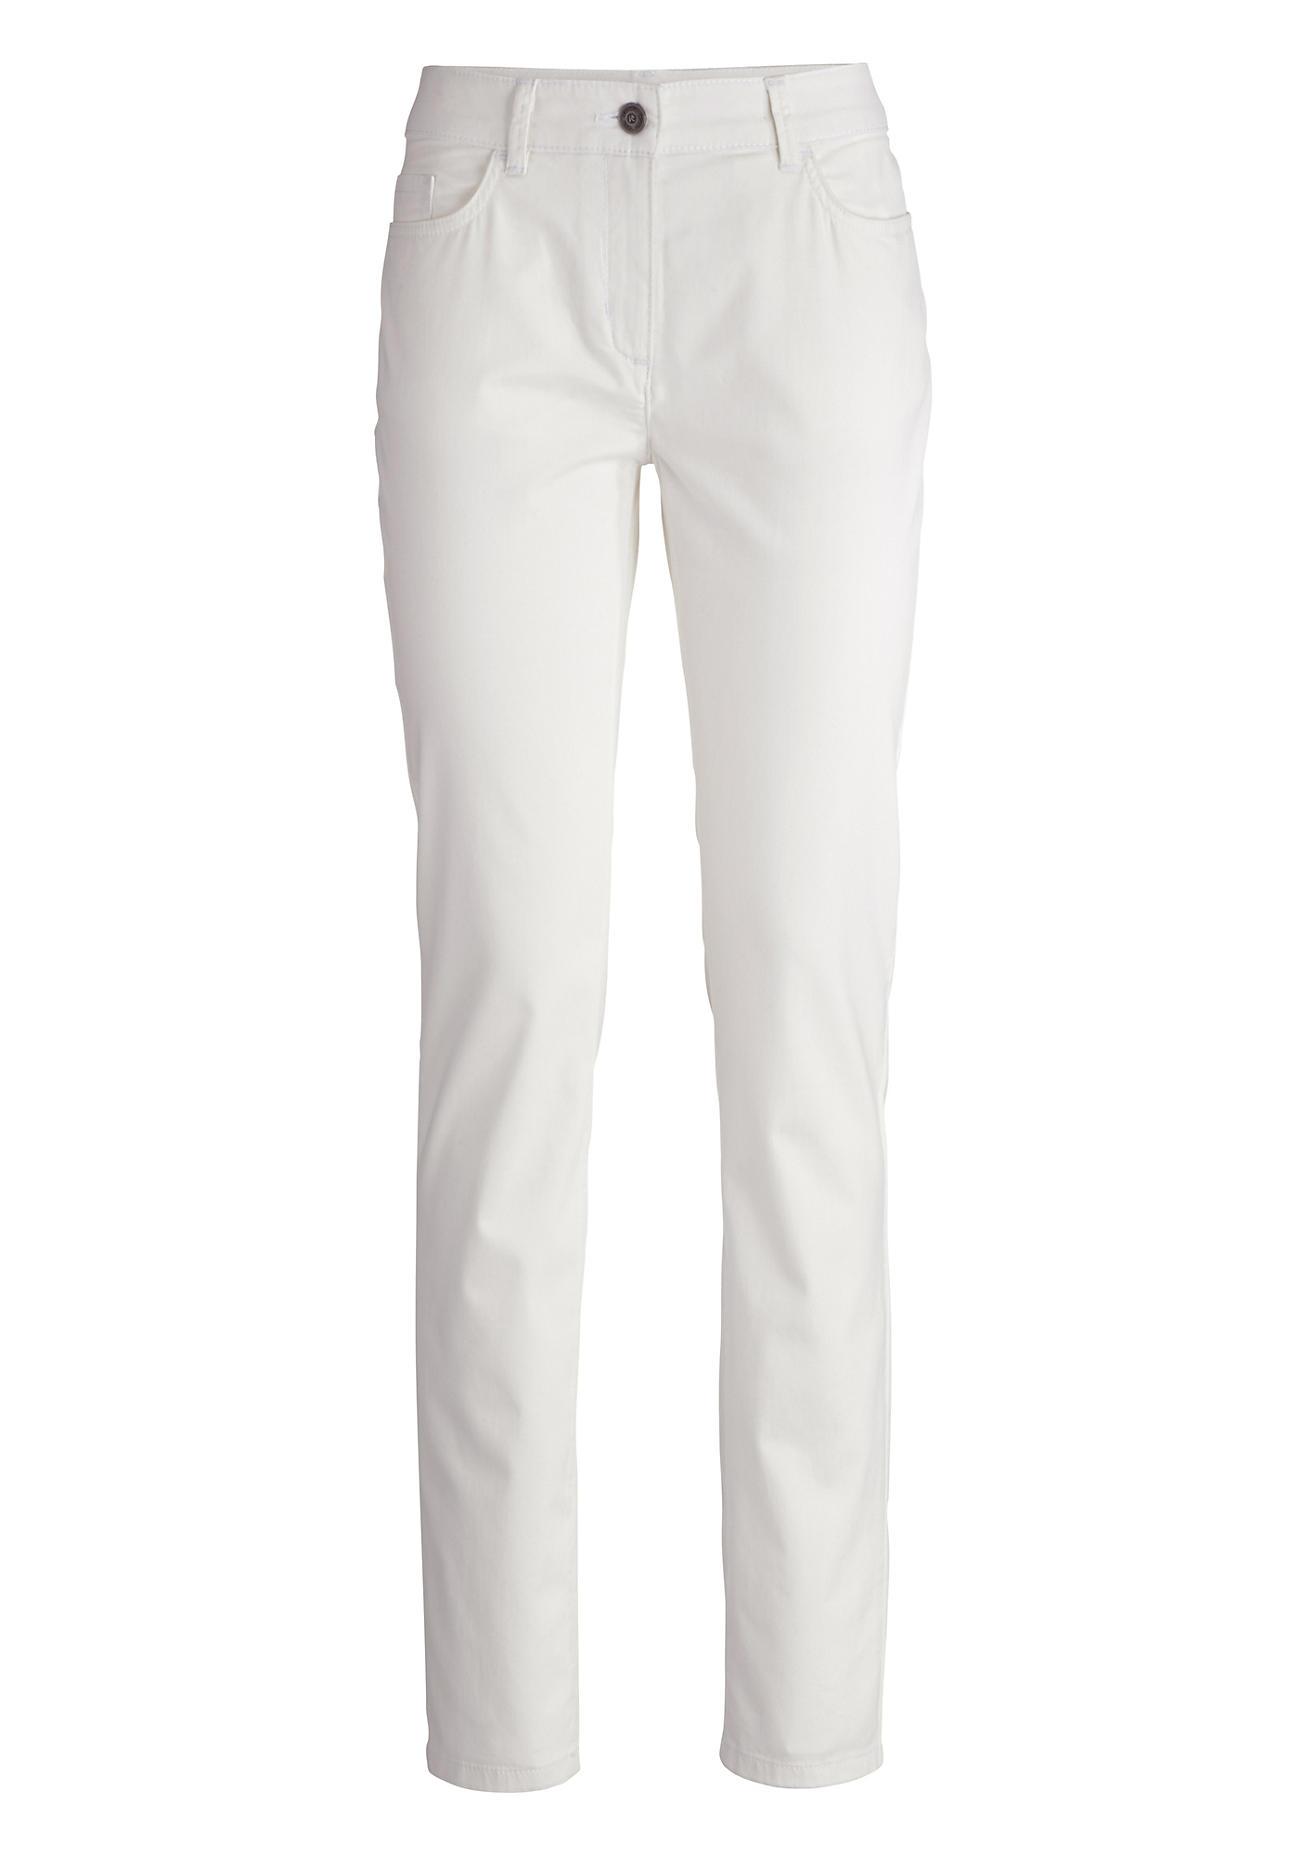 Hosen für Frauen - hessnatur Damen Hose Slim Fit aus Bio Baumwolle – weiß –  - Onlineshop Hessnatur